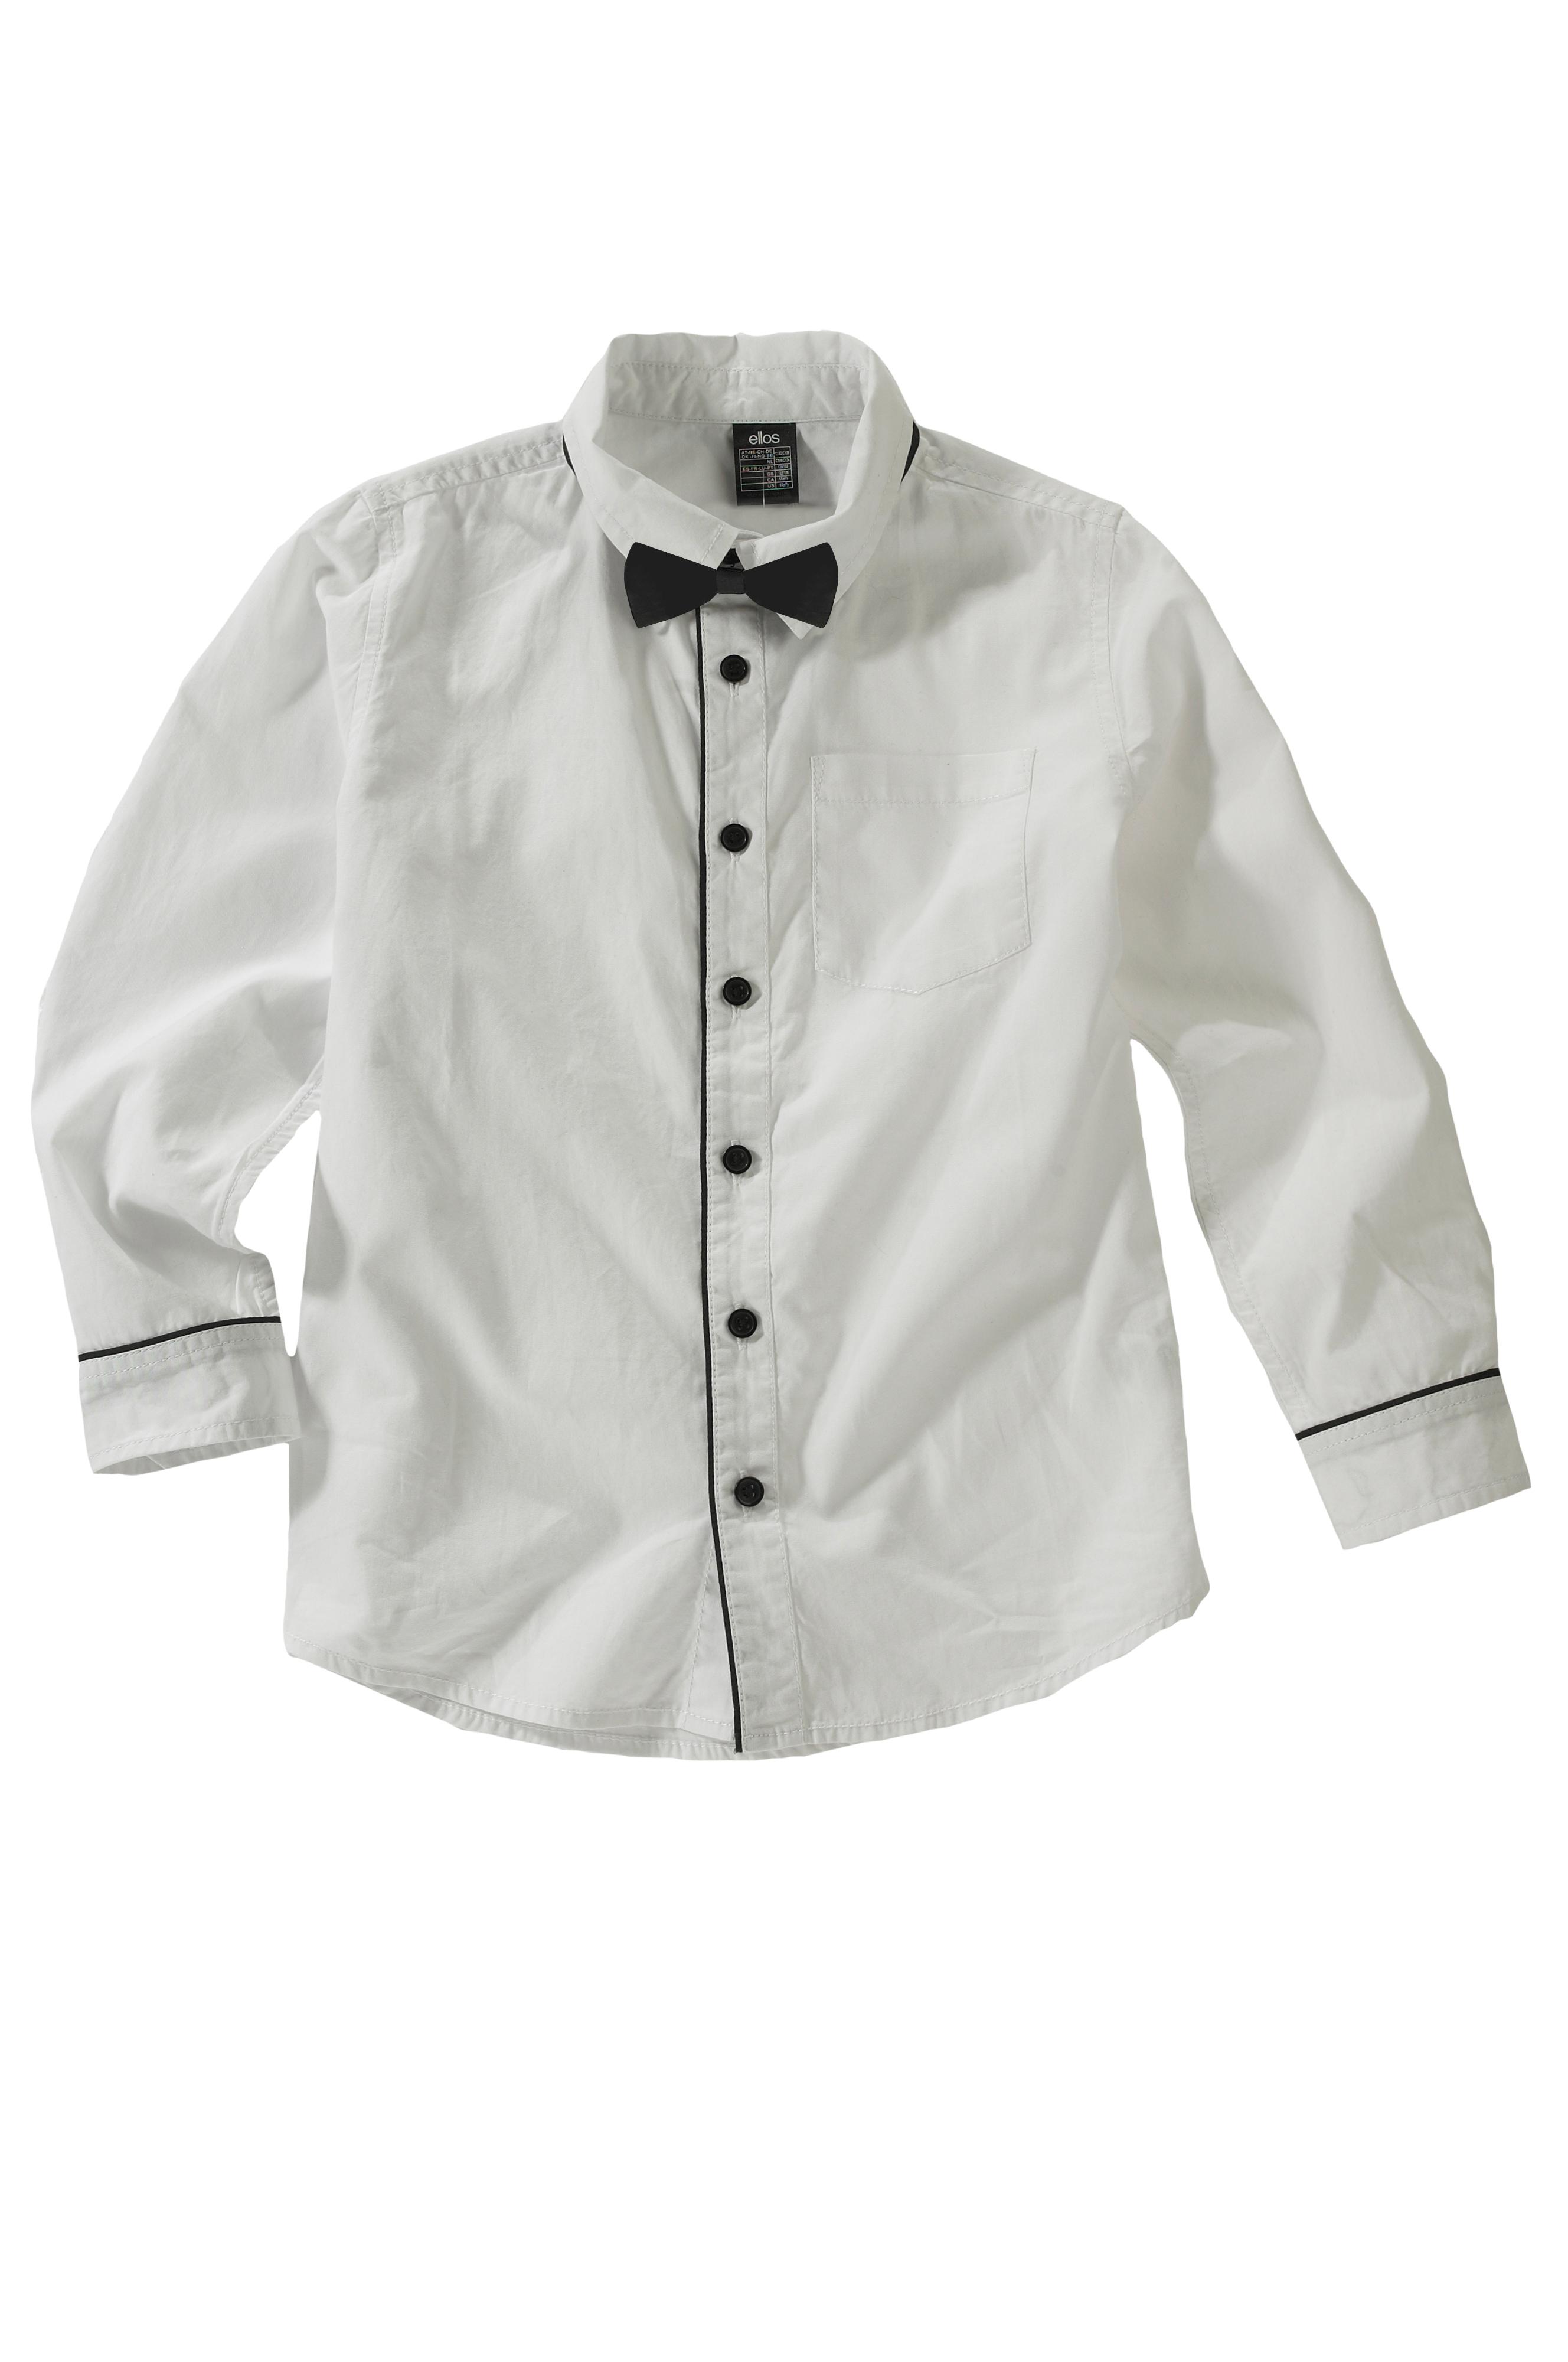 Ellos Kids Skjorte med sløyfe Hvit Skjorter Ellos.no